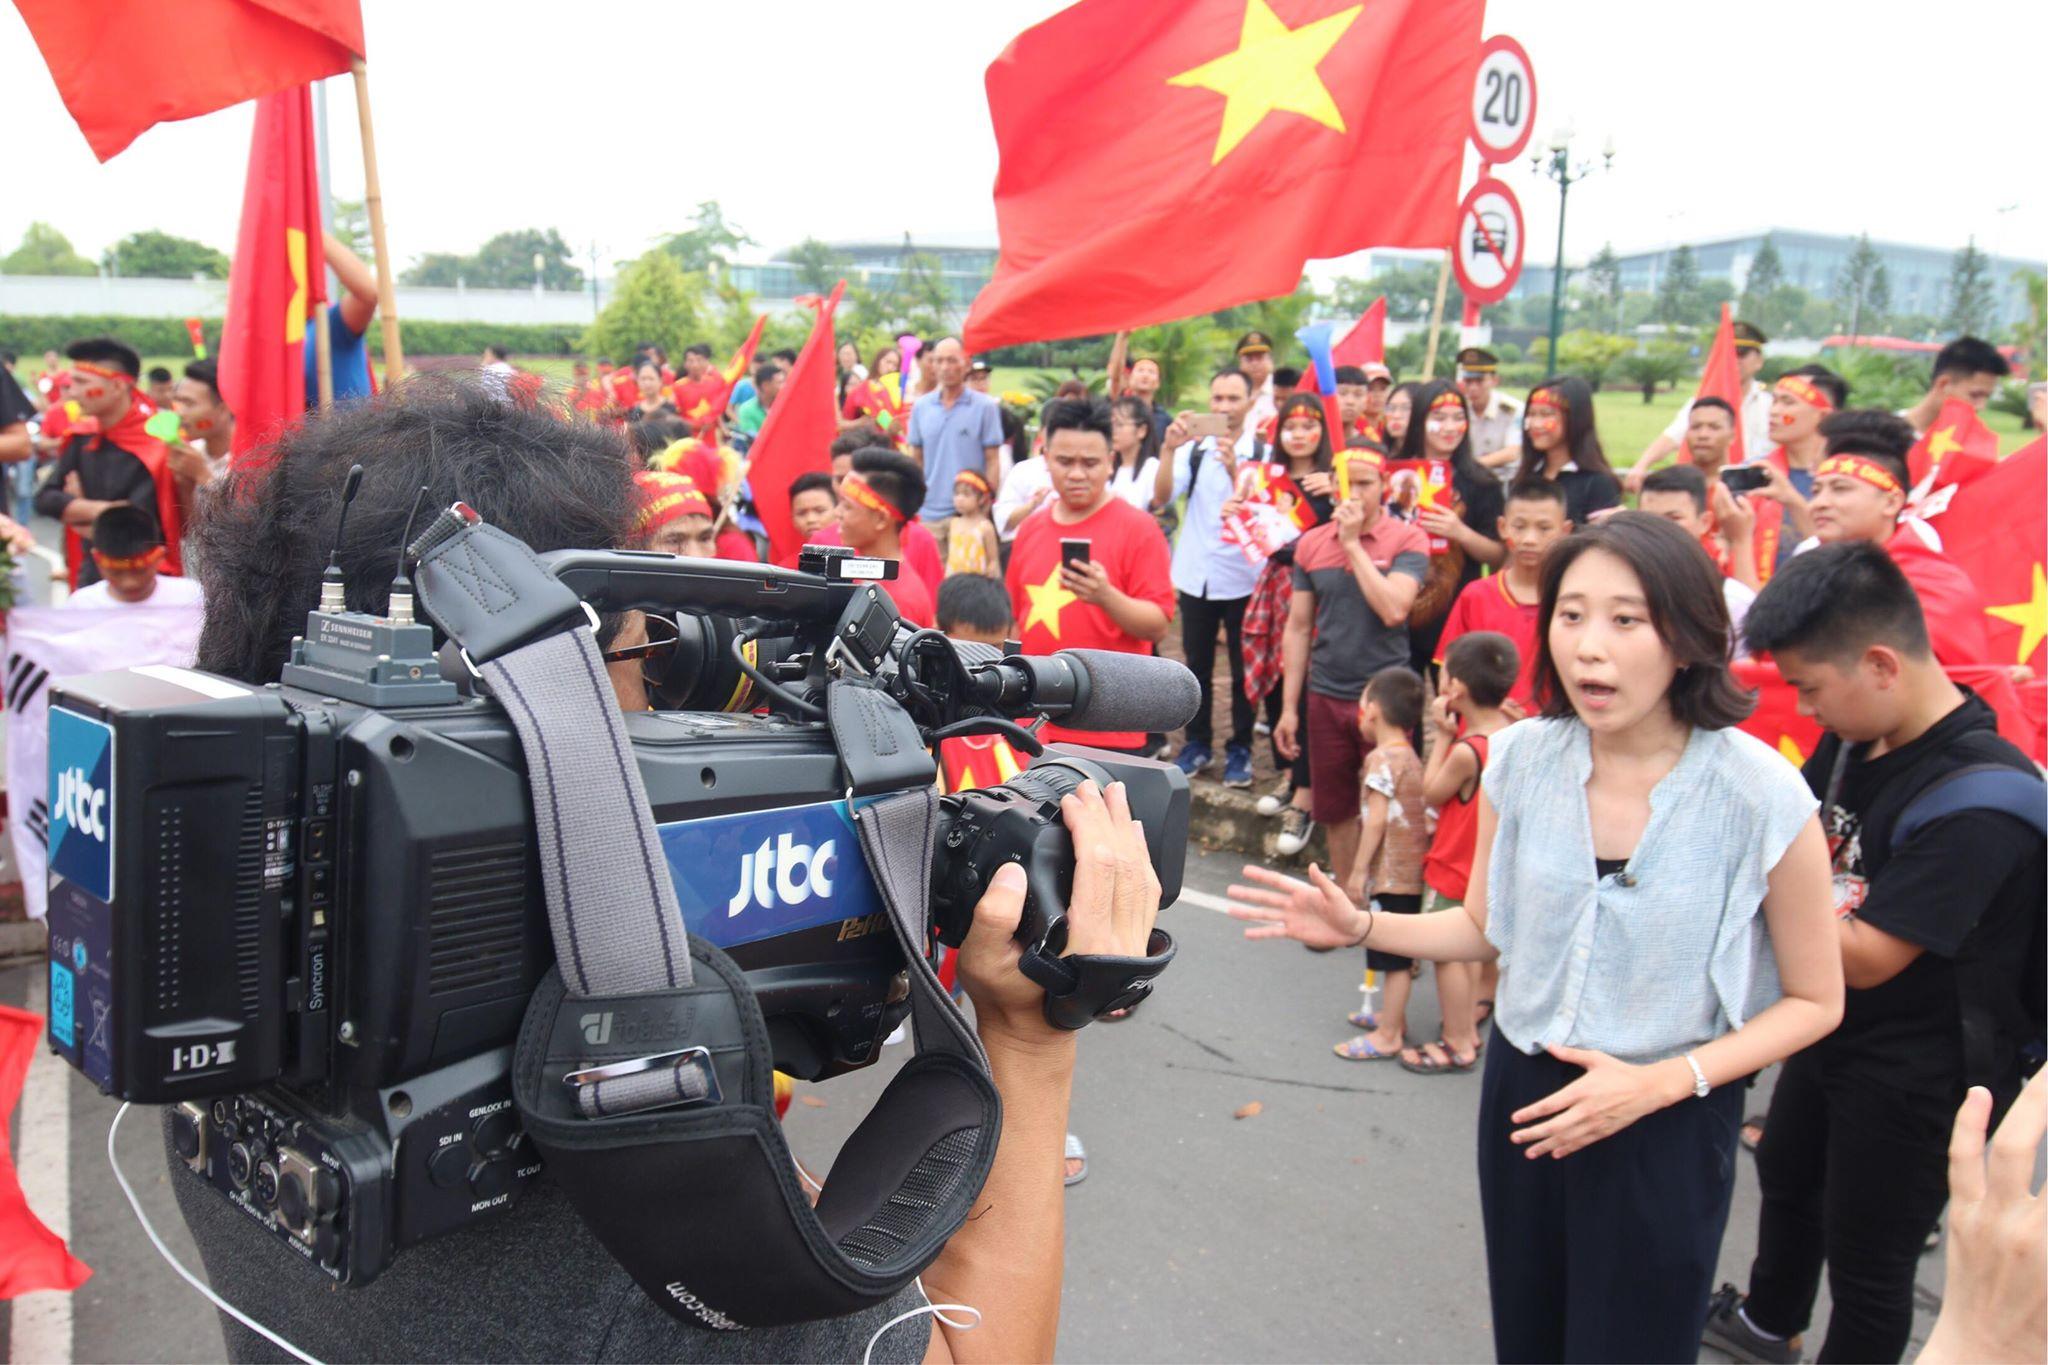 Đây là những phóng viên của kênh truyền hình JTBC đang đưa tin trực tiếp từ bên ngoài sân bay Nội Bài. Tại Á vận hội 18 (Asiad) lần này, chúng ta có nhiều mối duyên - nợ với Hàn Quốc khi Olympic Việt Nam phải đối mặt với đội bóng quê hương của HLV Park Hang-seo.